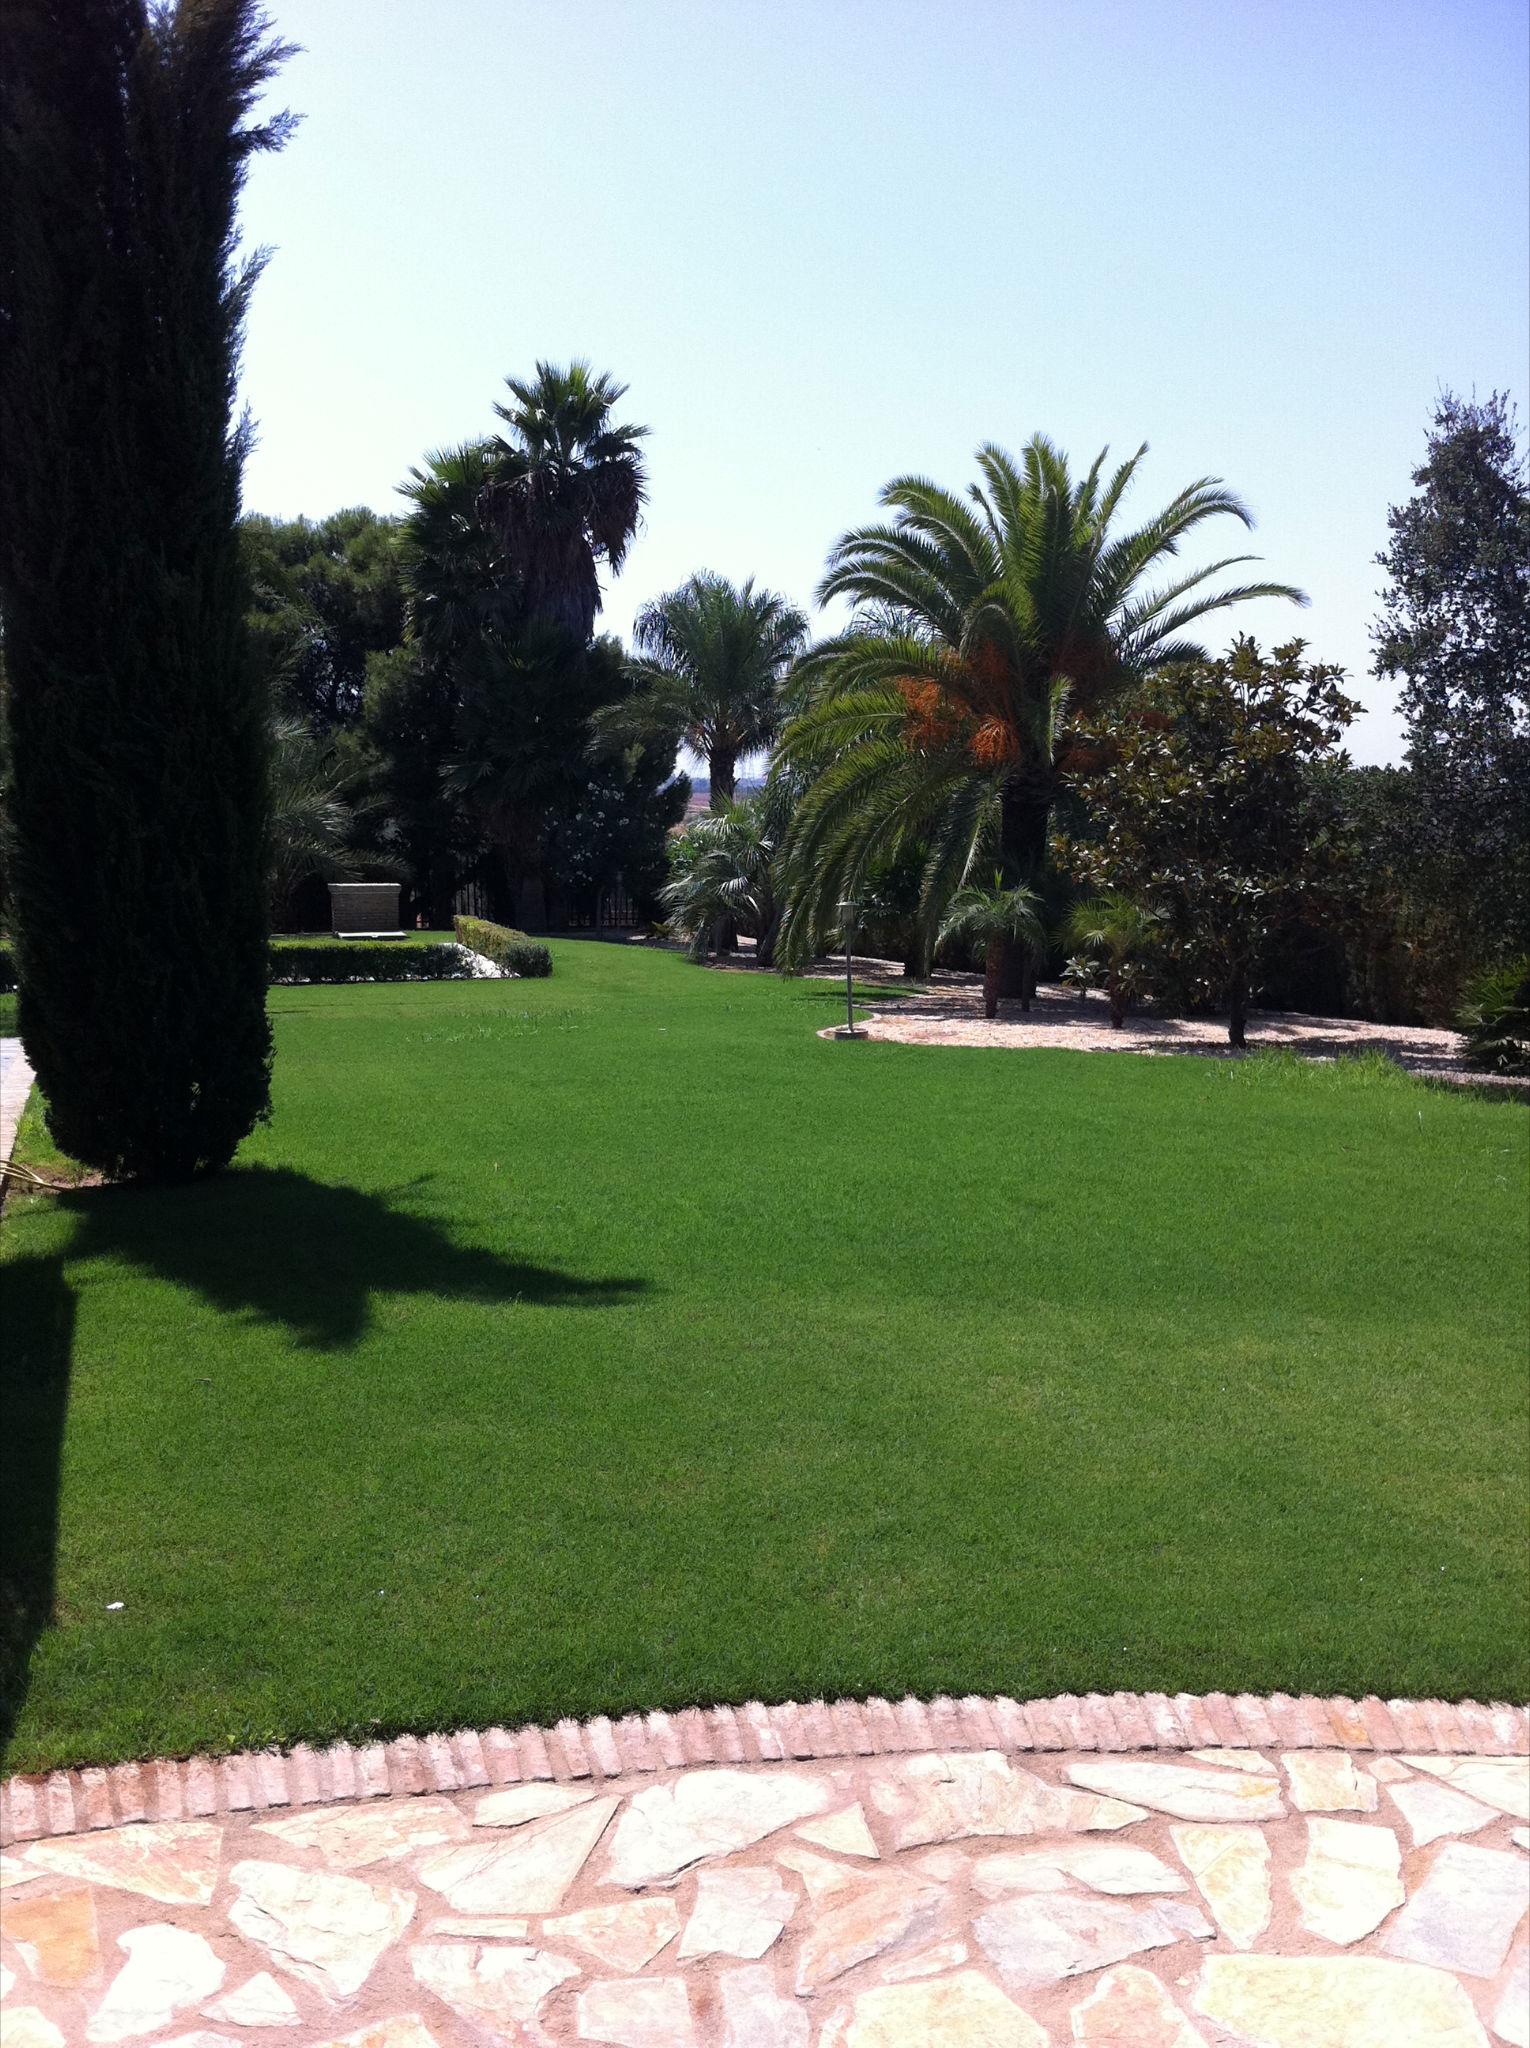 Cuidado y mantenimiento de jardines babilonia - Cuidado de jardines ...